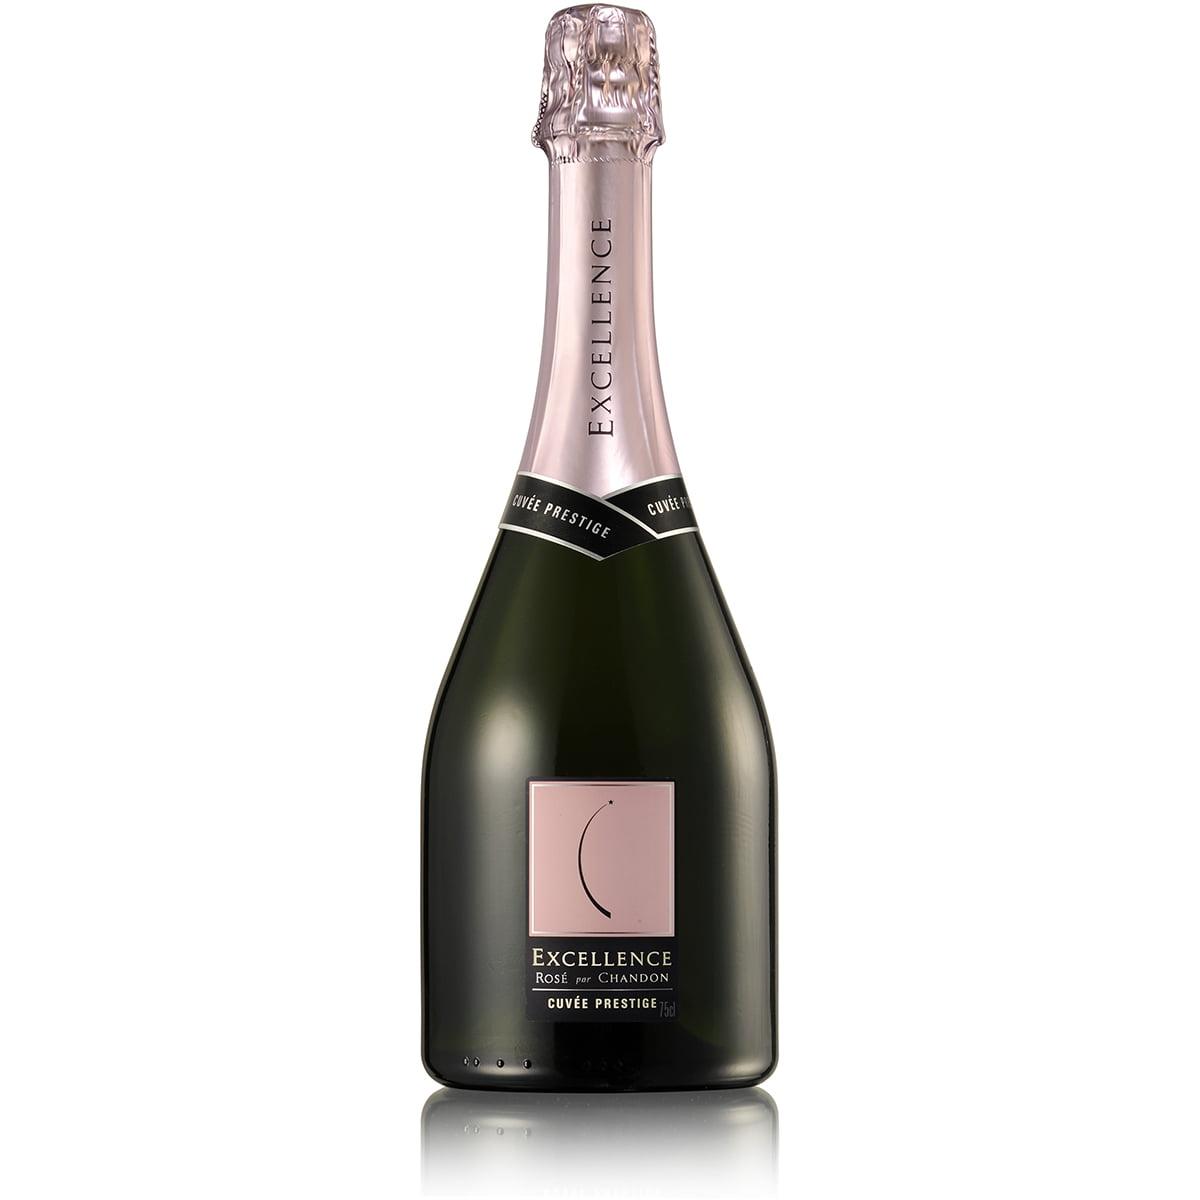 Espumante Chandon Excellence Cuvée Prestige Brut Rosé 750ml